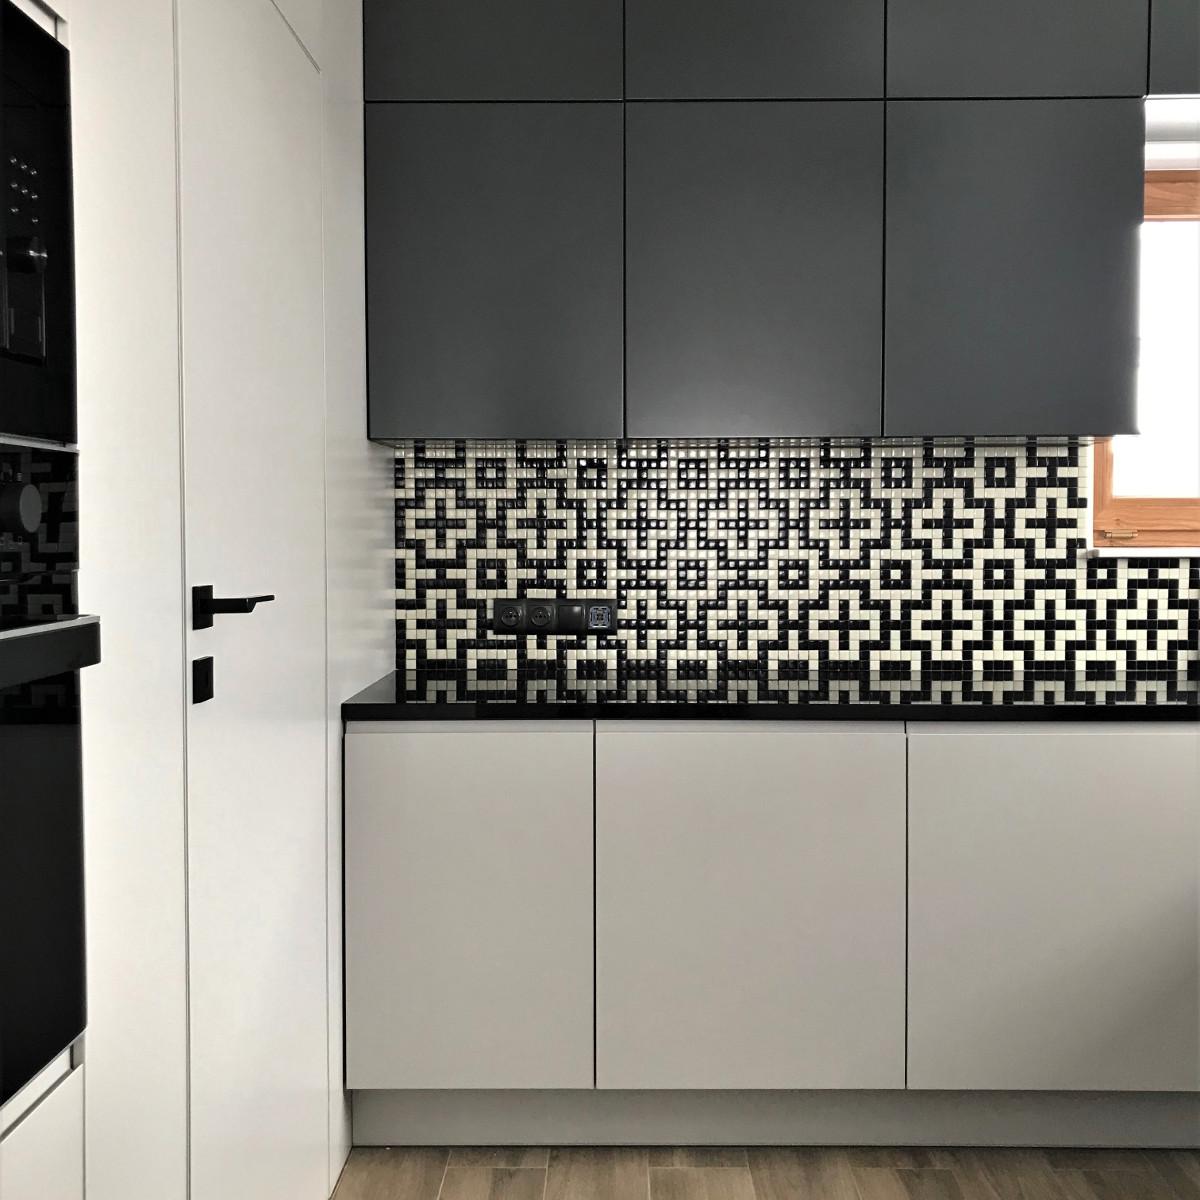 Mozaika Do Kuchni Trufle Mozaiki